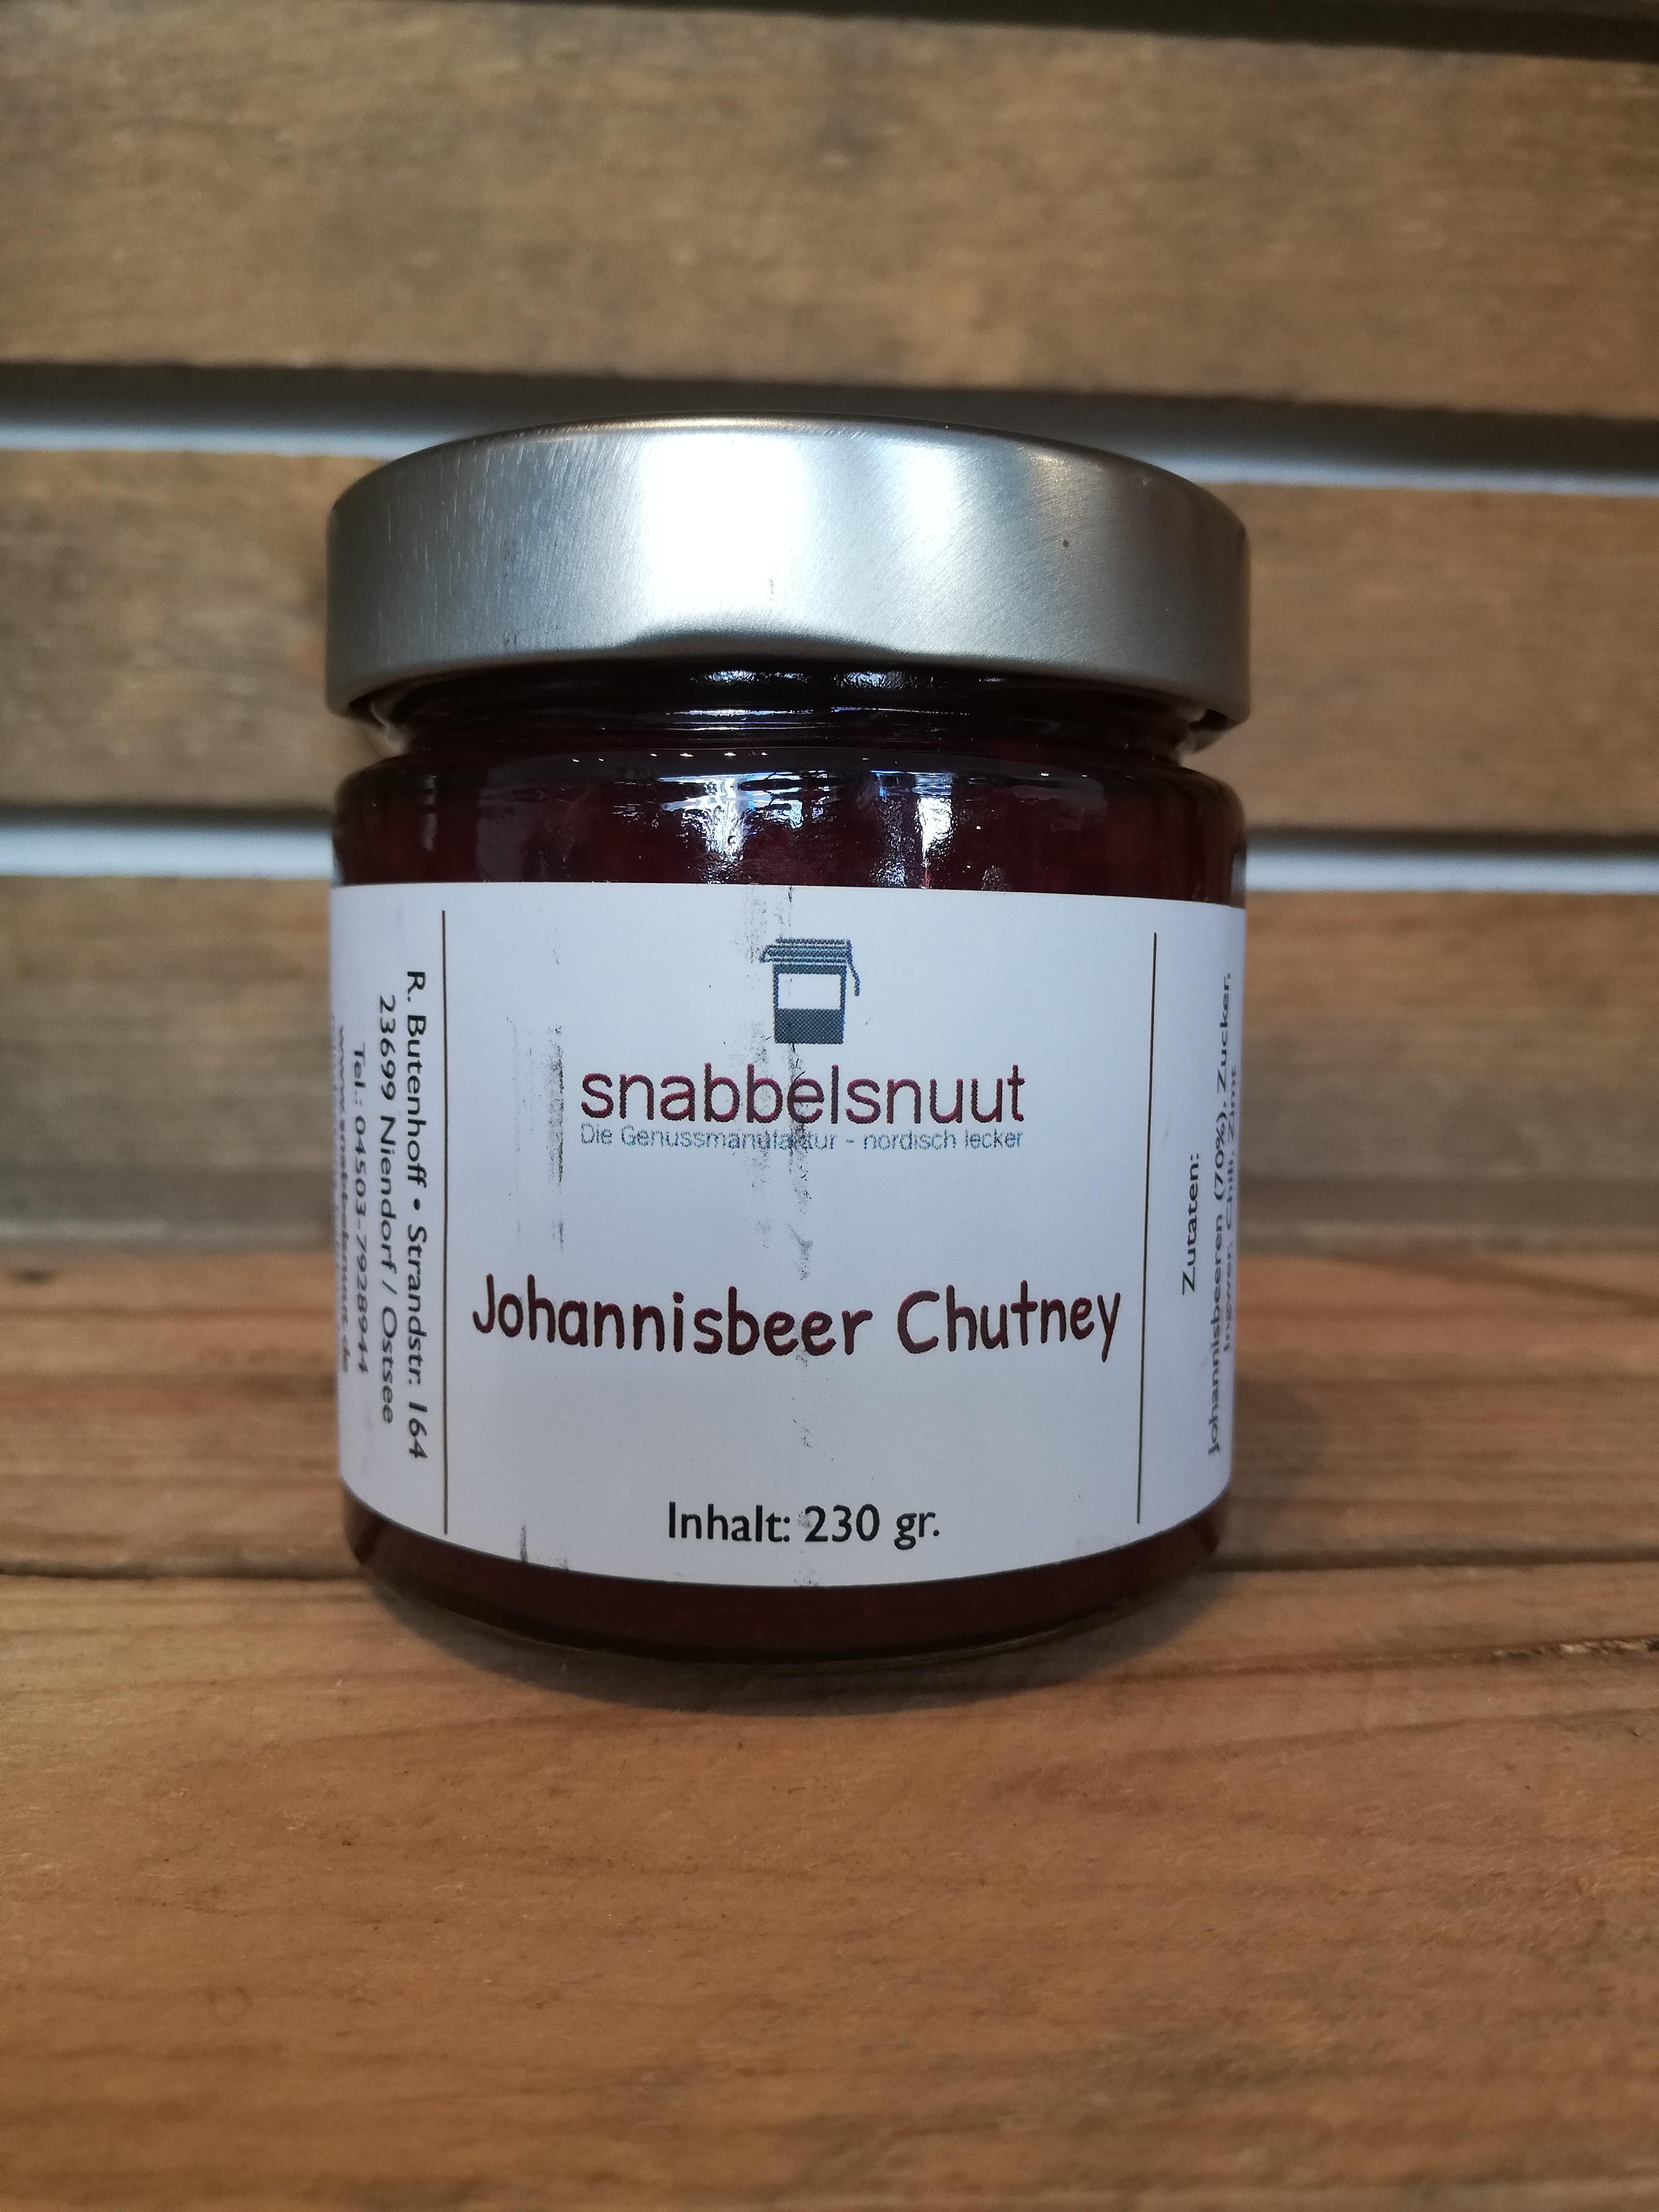 Johannisbeer-Chutney